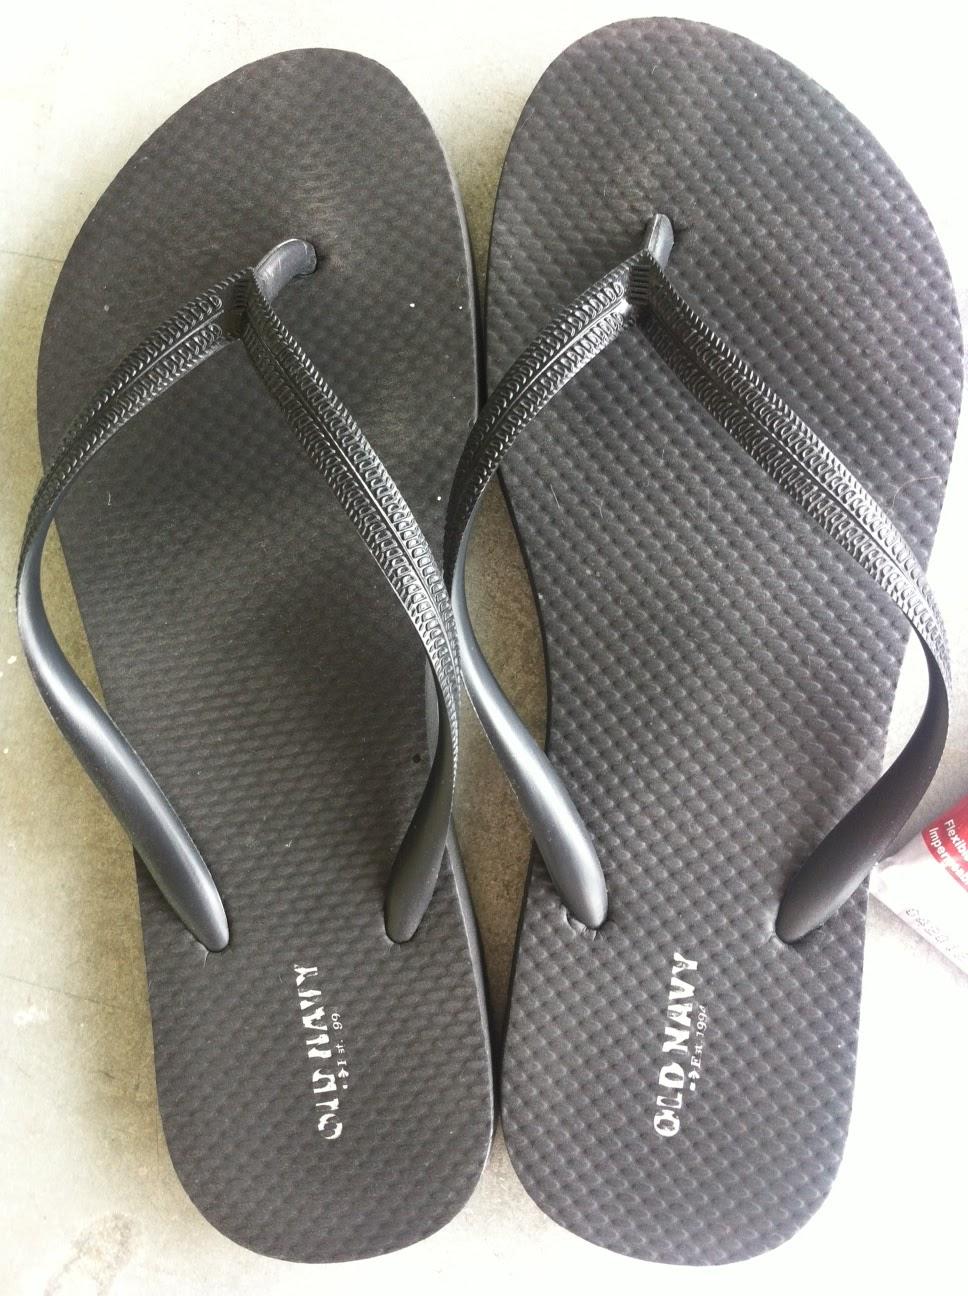 Black sandals old navy - E 6000 Glue